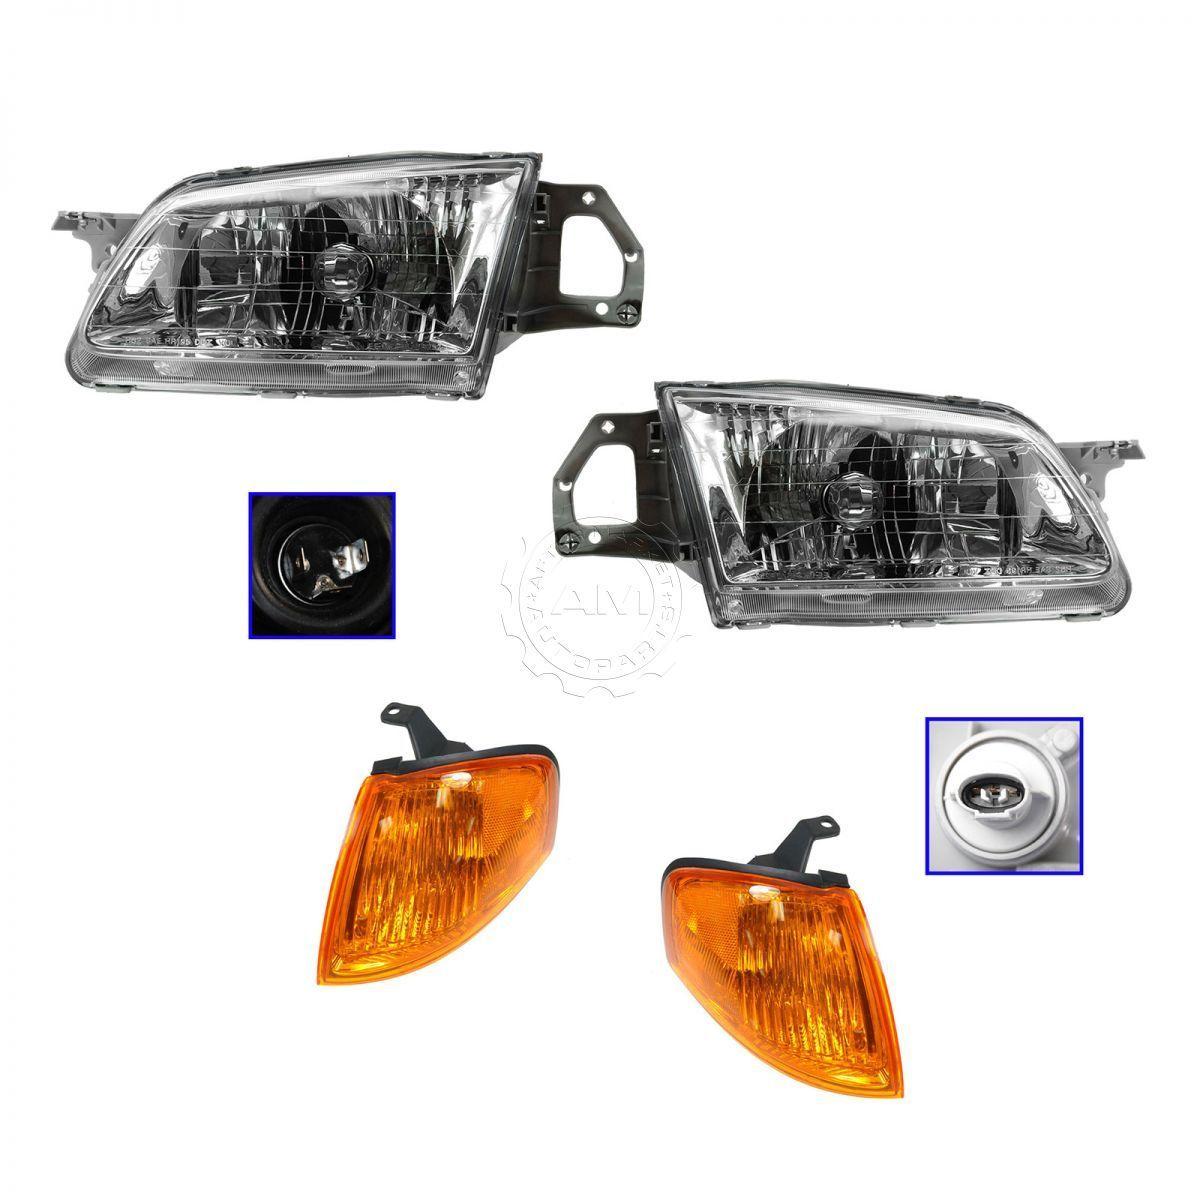 コーナーライト Headlight Headlamp Corner Light Lamp Kit Set for 99-00 Mazda Protege 99-00 Mazda Protege用ヘッドライトヘッドランプコーナーライトランプキットセット